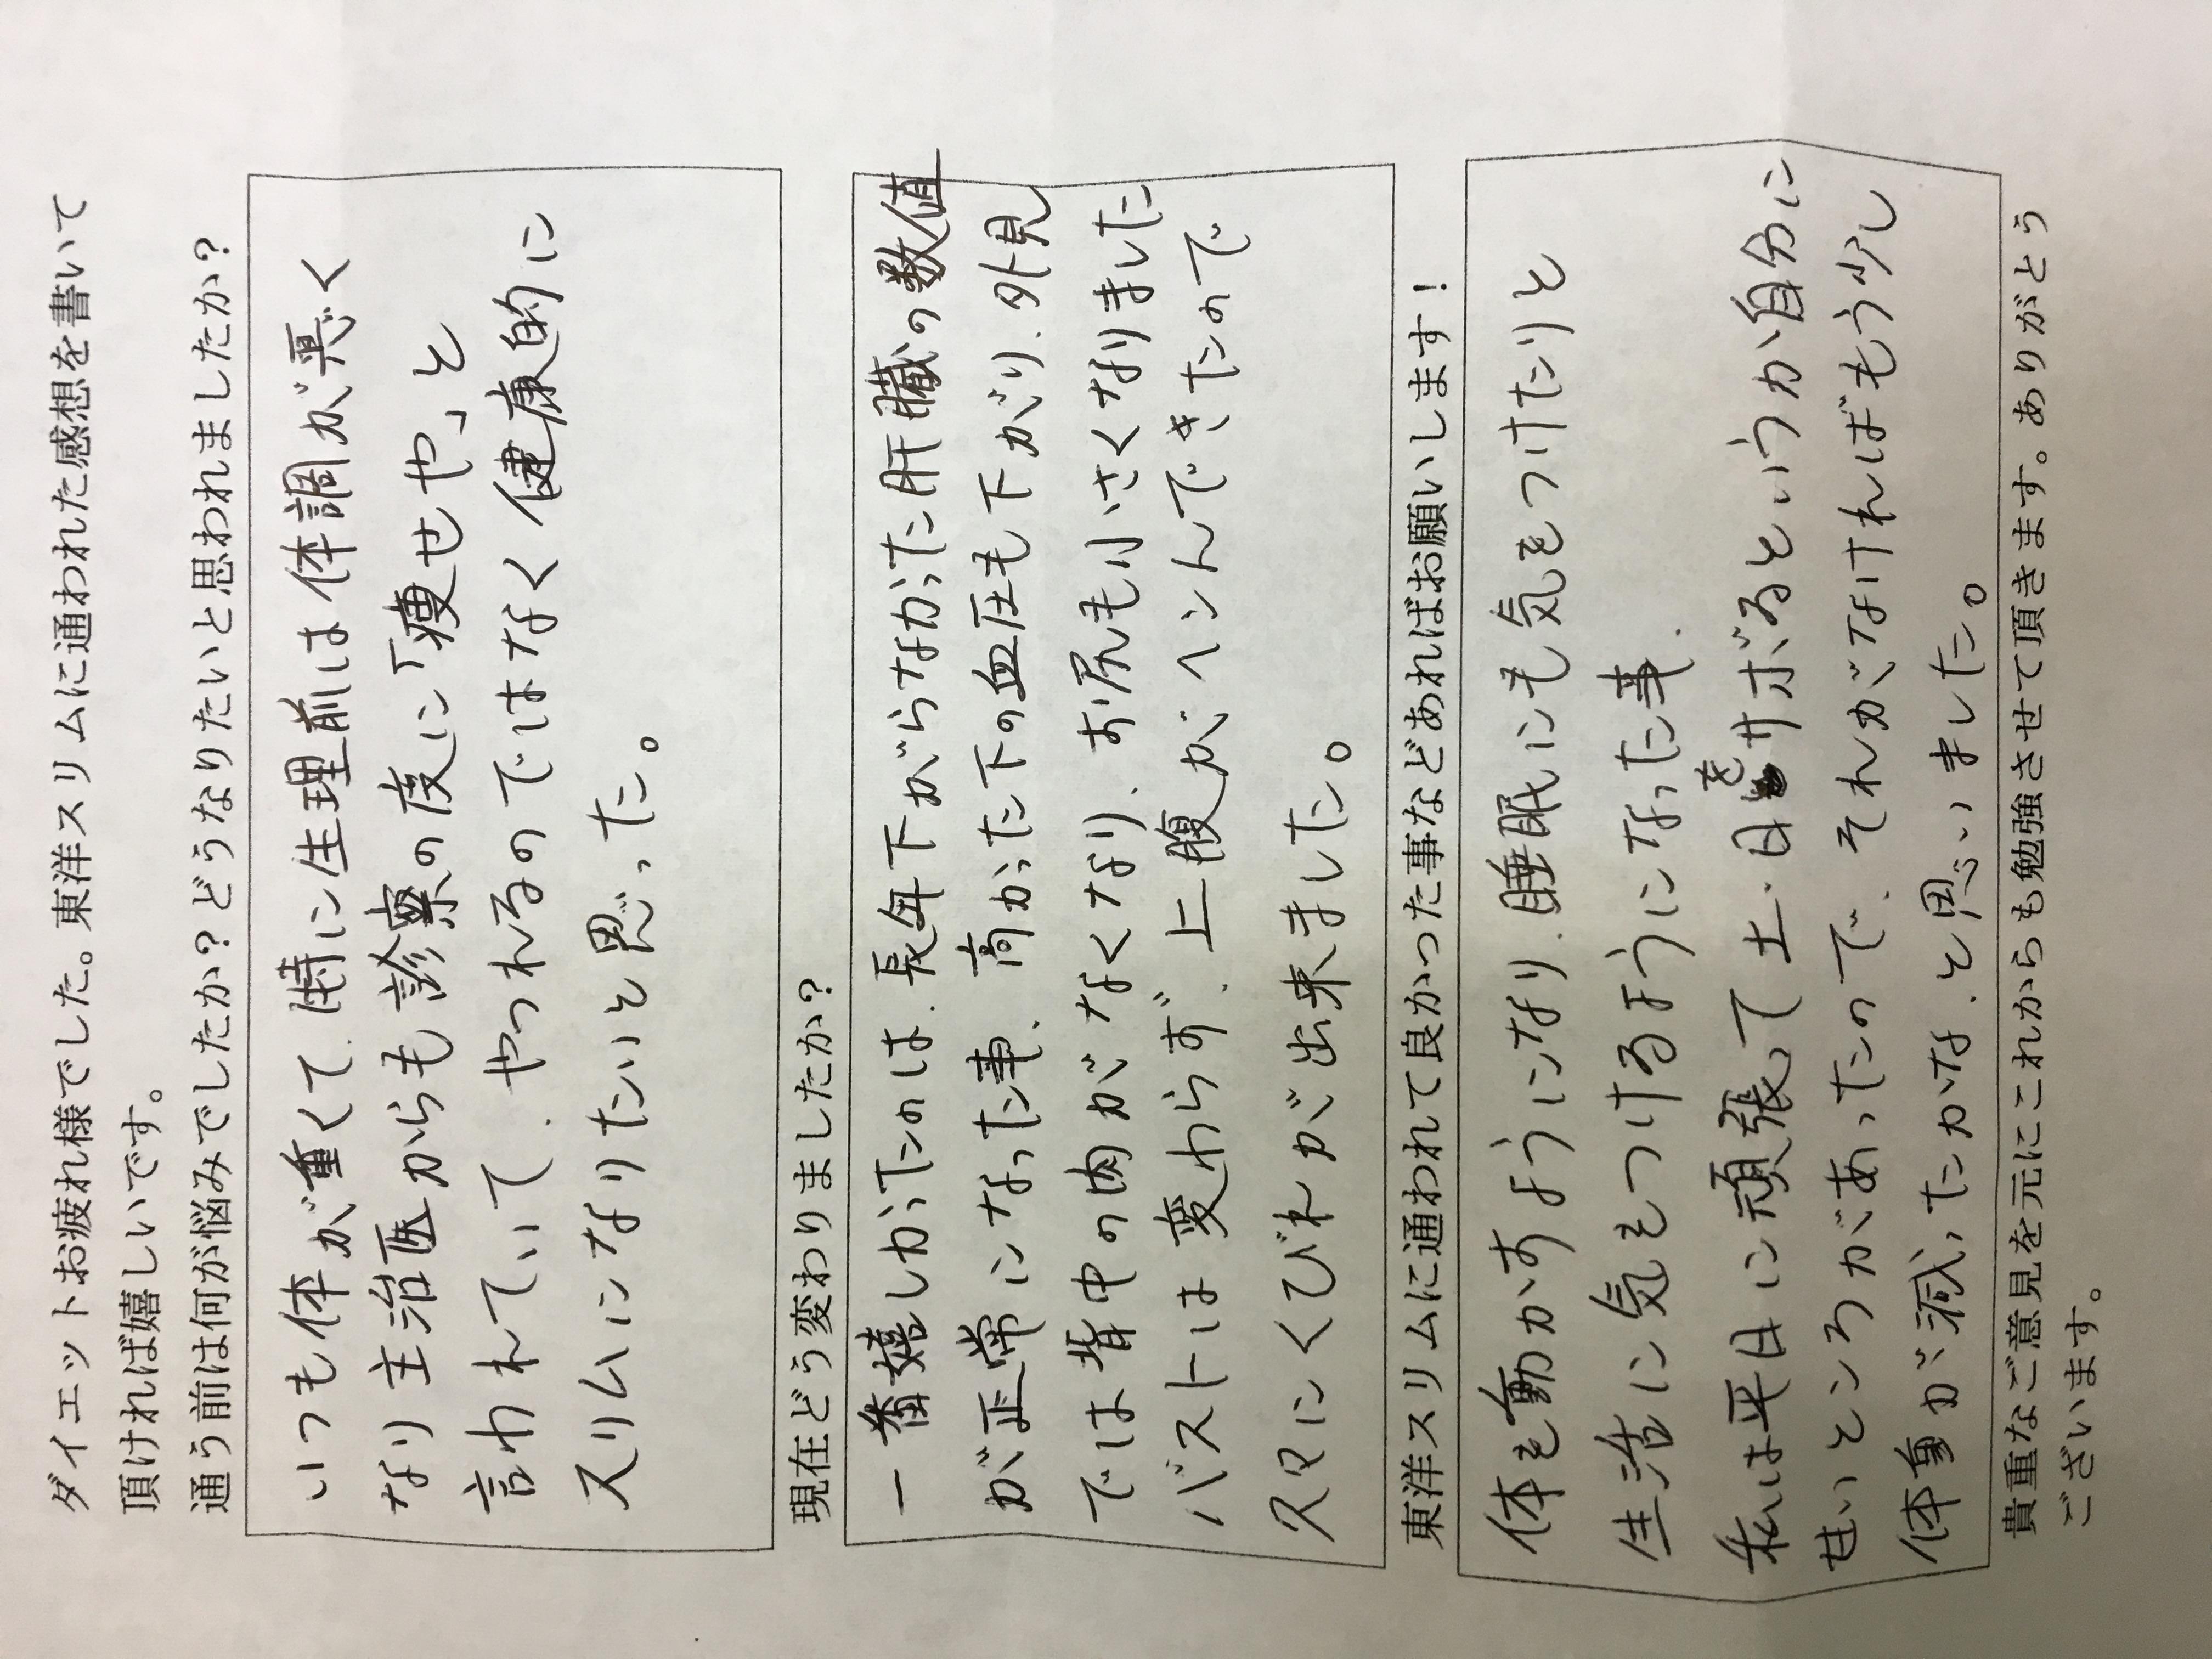 大阪府堺市Hさん43才ー7.2kgダイエット成功 高血圧、肝機能が改善